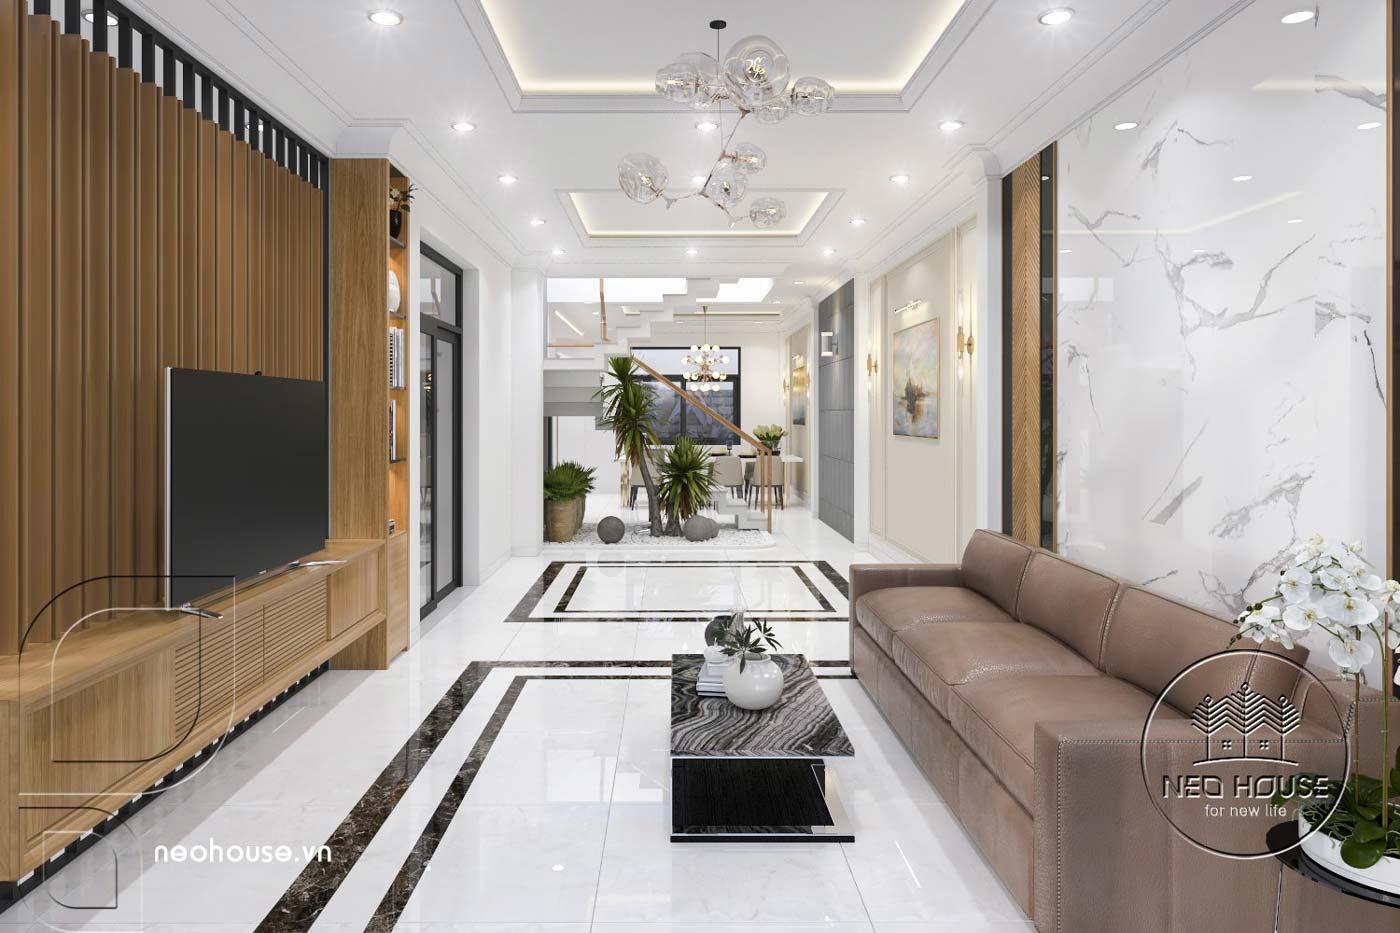 Thiết kế thi công cải tạo nhà phố 3 tầng với không gian nội thất phòng khách. Ảnh 1